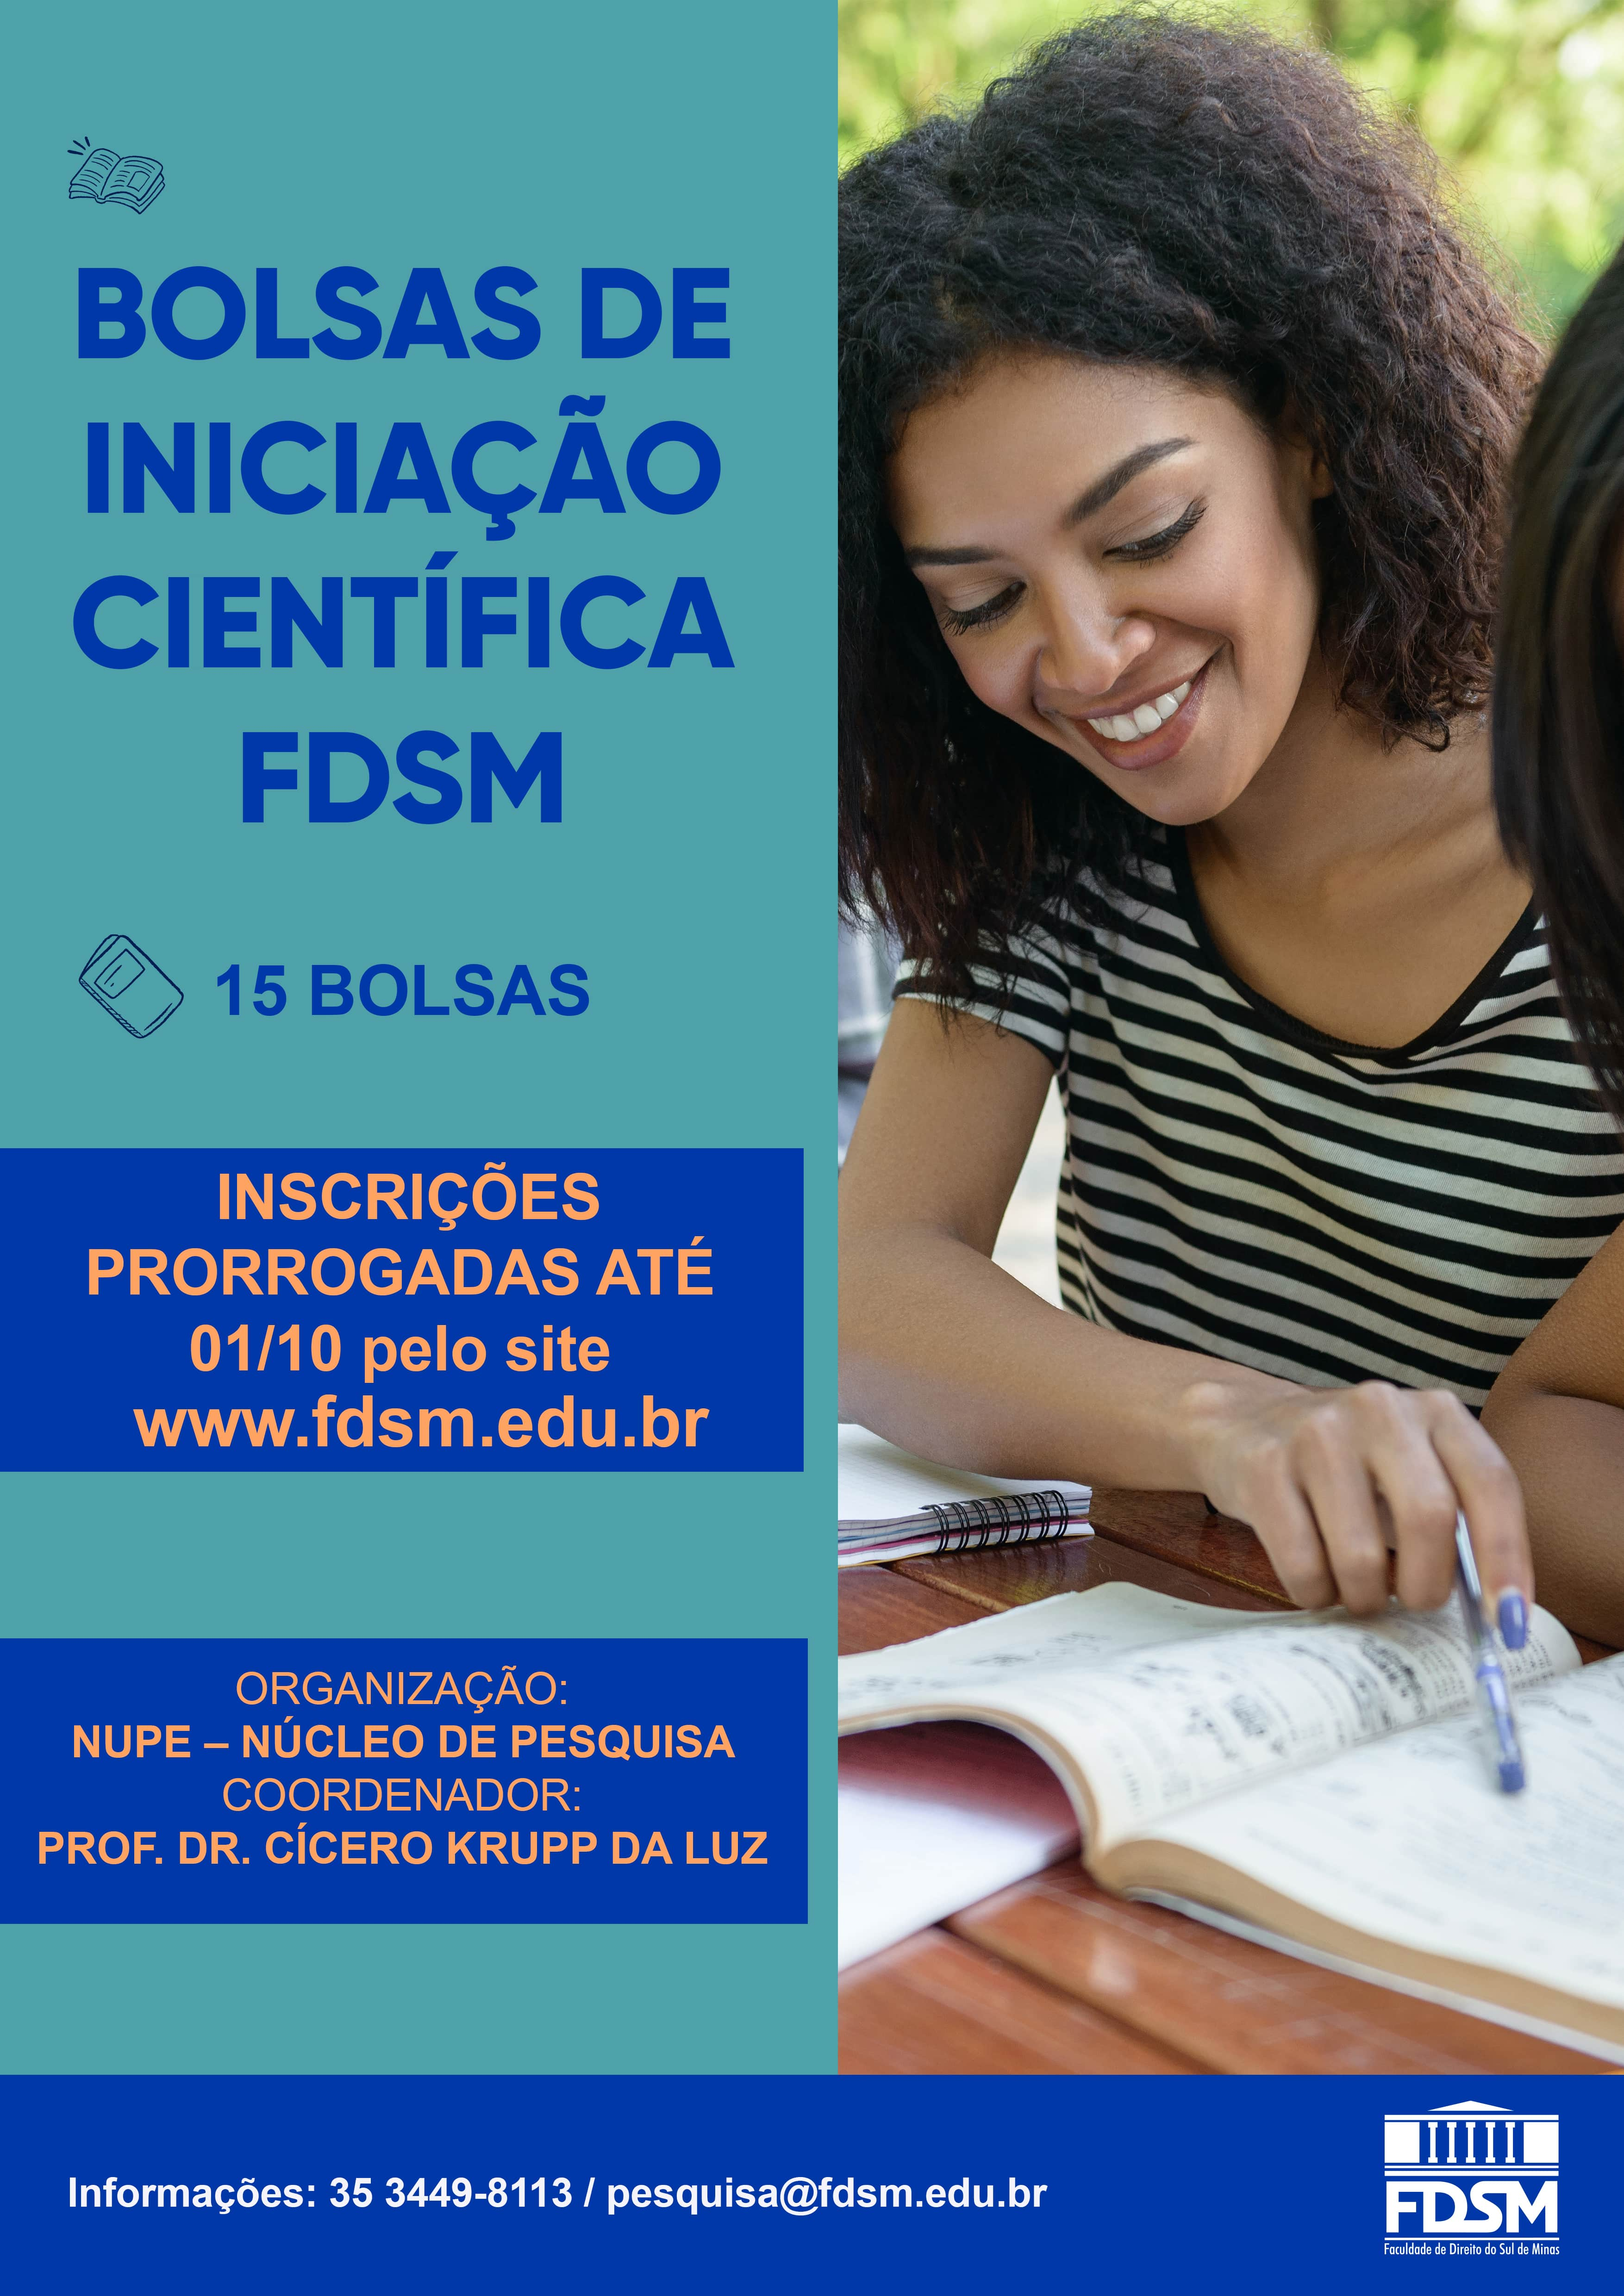 Evento 672 - PROCESSO SELETIVO PARA BOLSAS DE INICIAÇÃO CIENTÍFICA FDSM 2020/2021